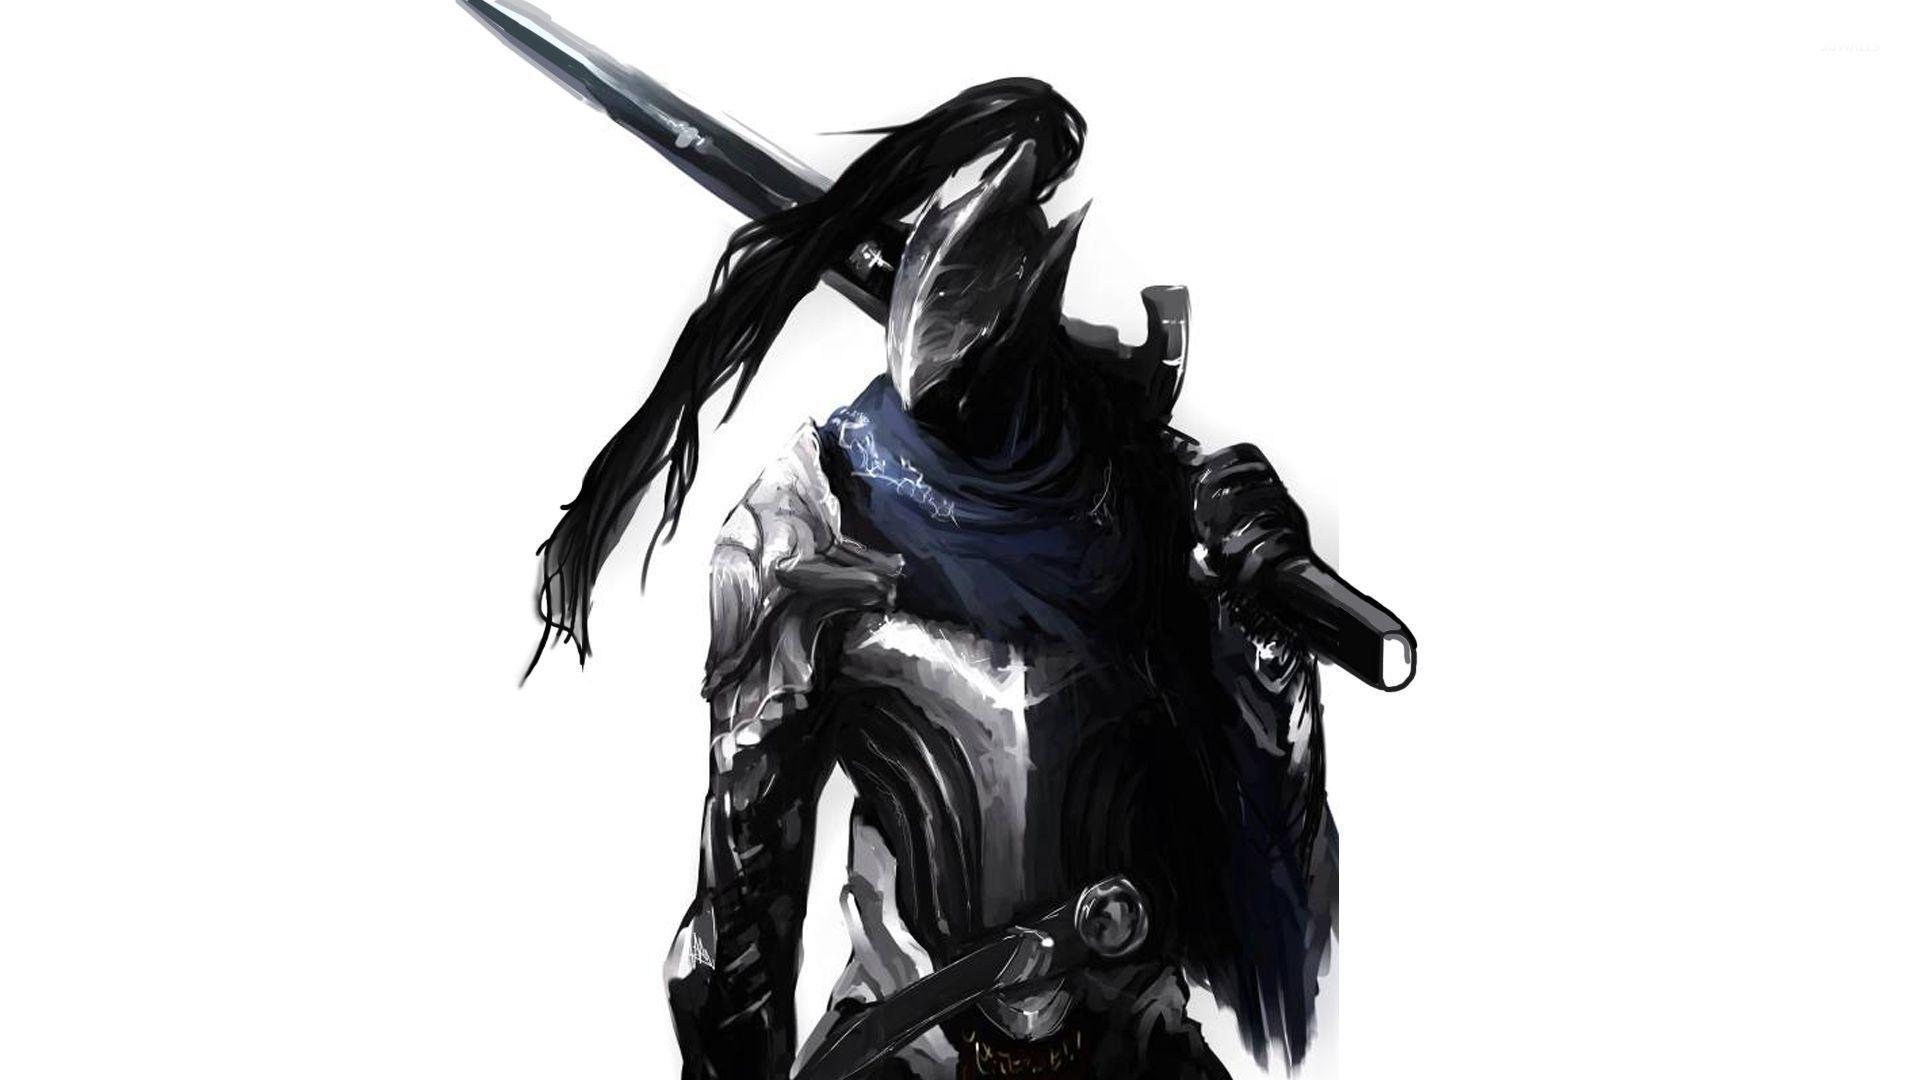 Dark Souls 3 Wallpaper Hd 1080p | Dark souls, Dark souls 3 ...